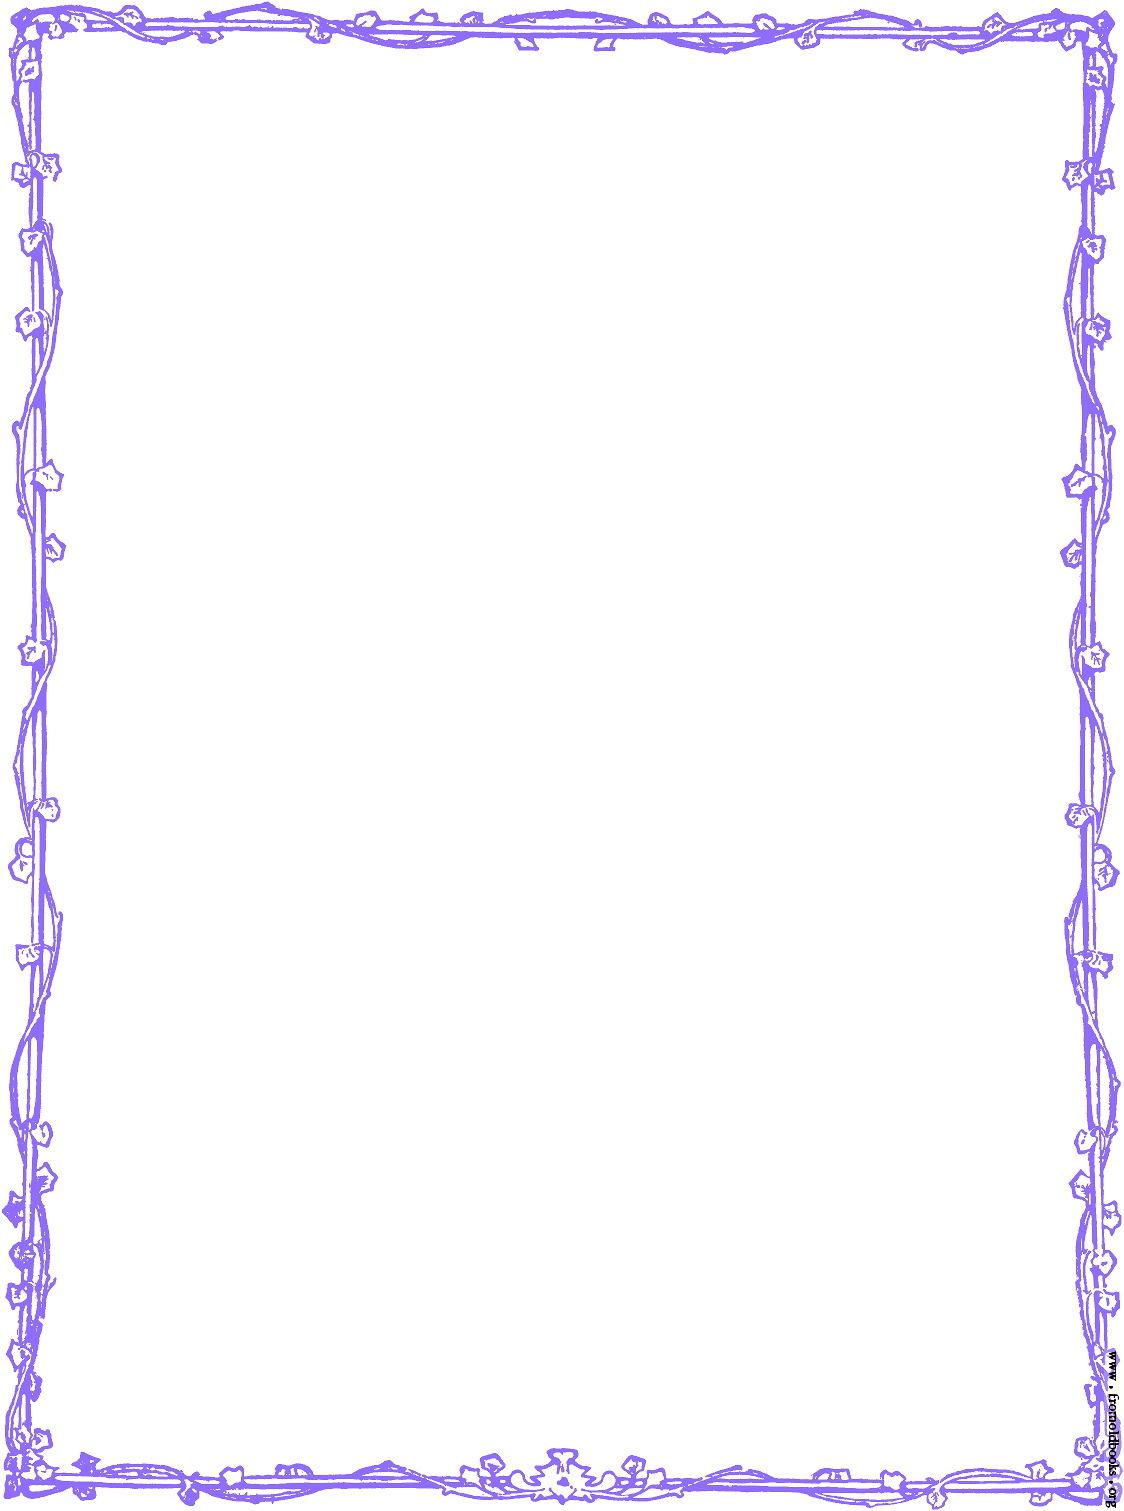 Clip Art Symbols Elegant Borders Clipart - Clipart Kid